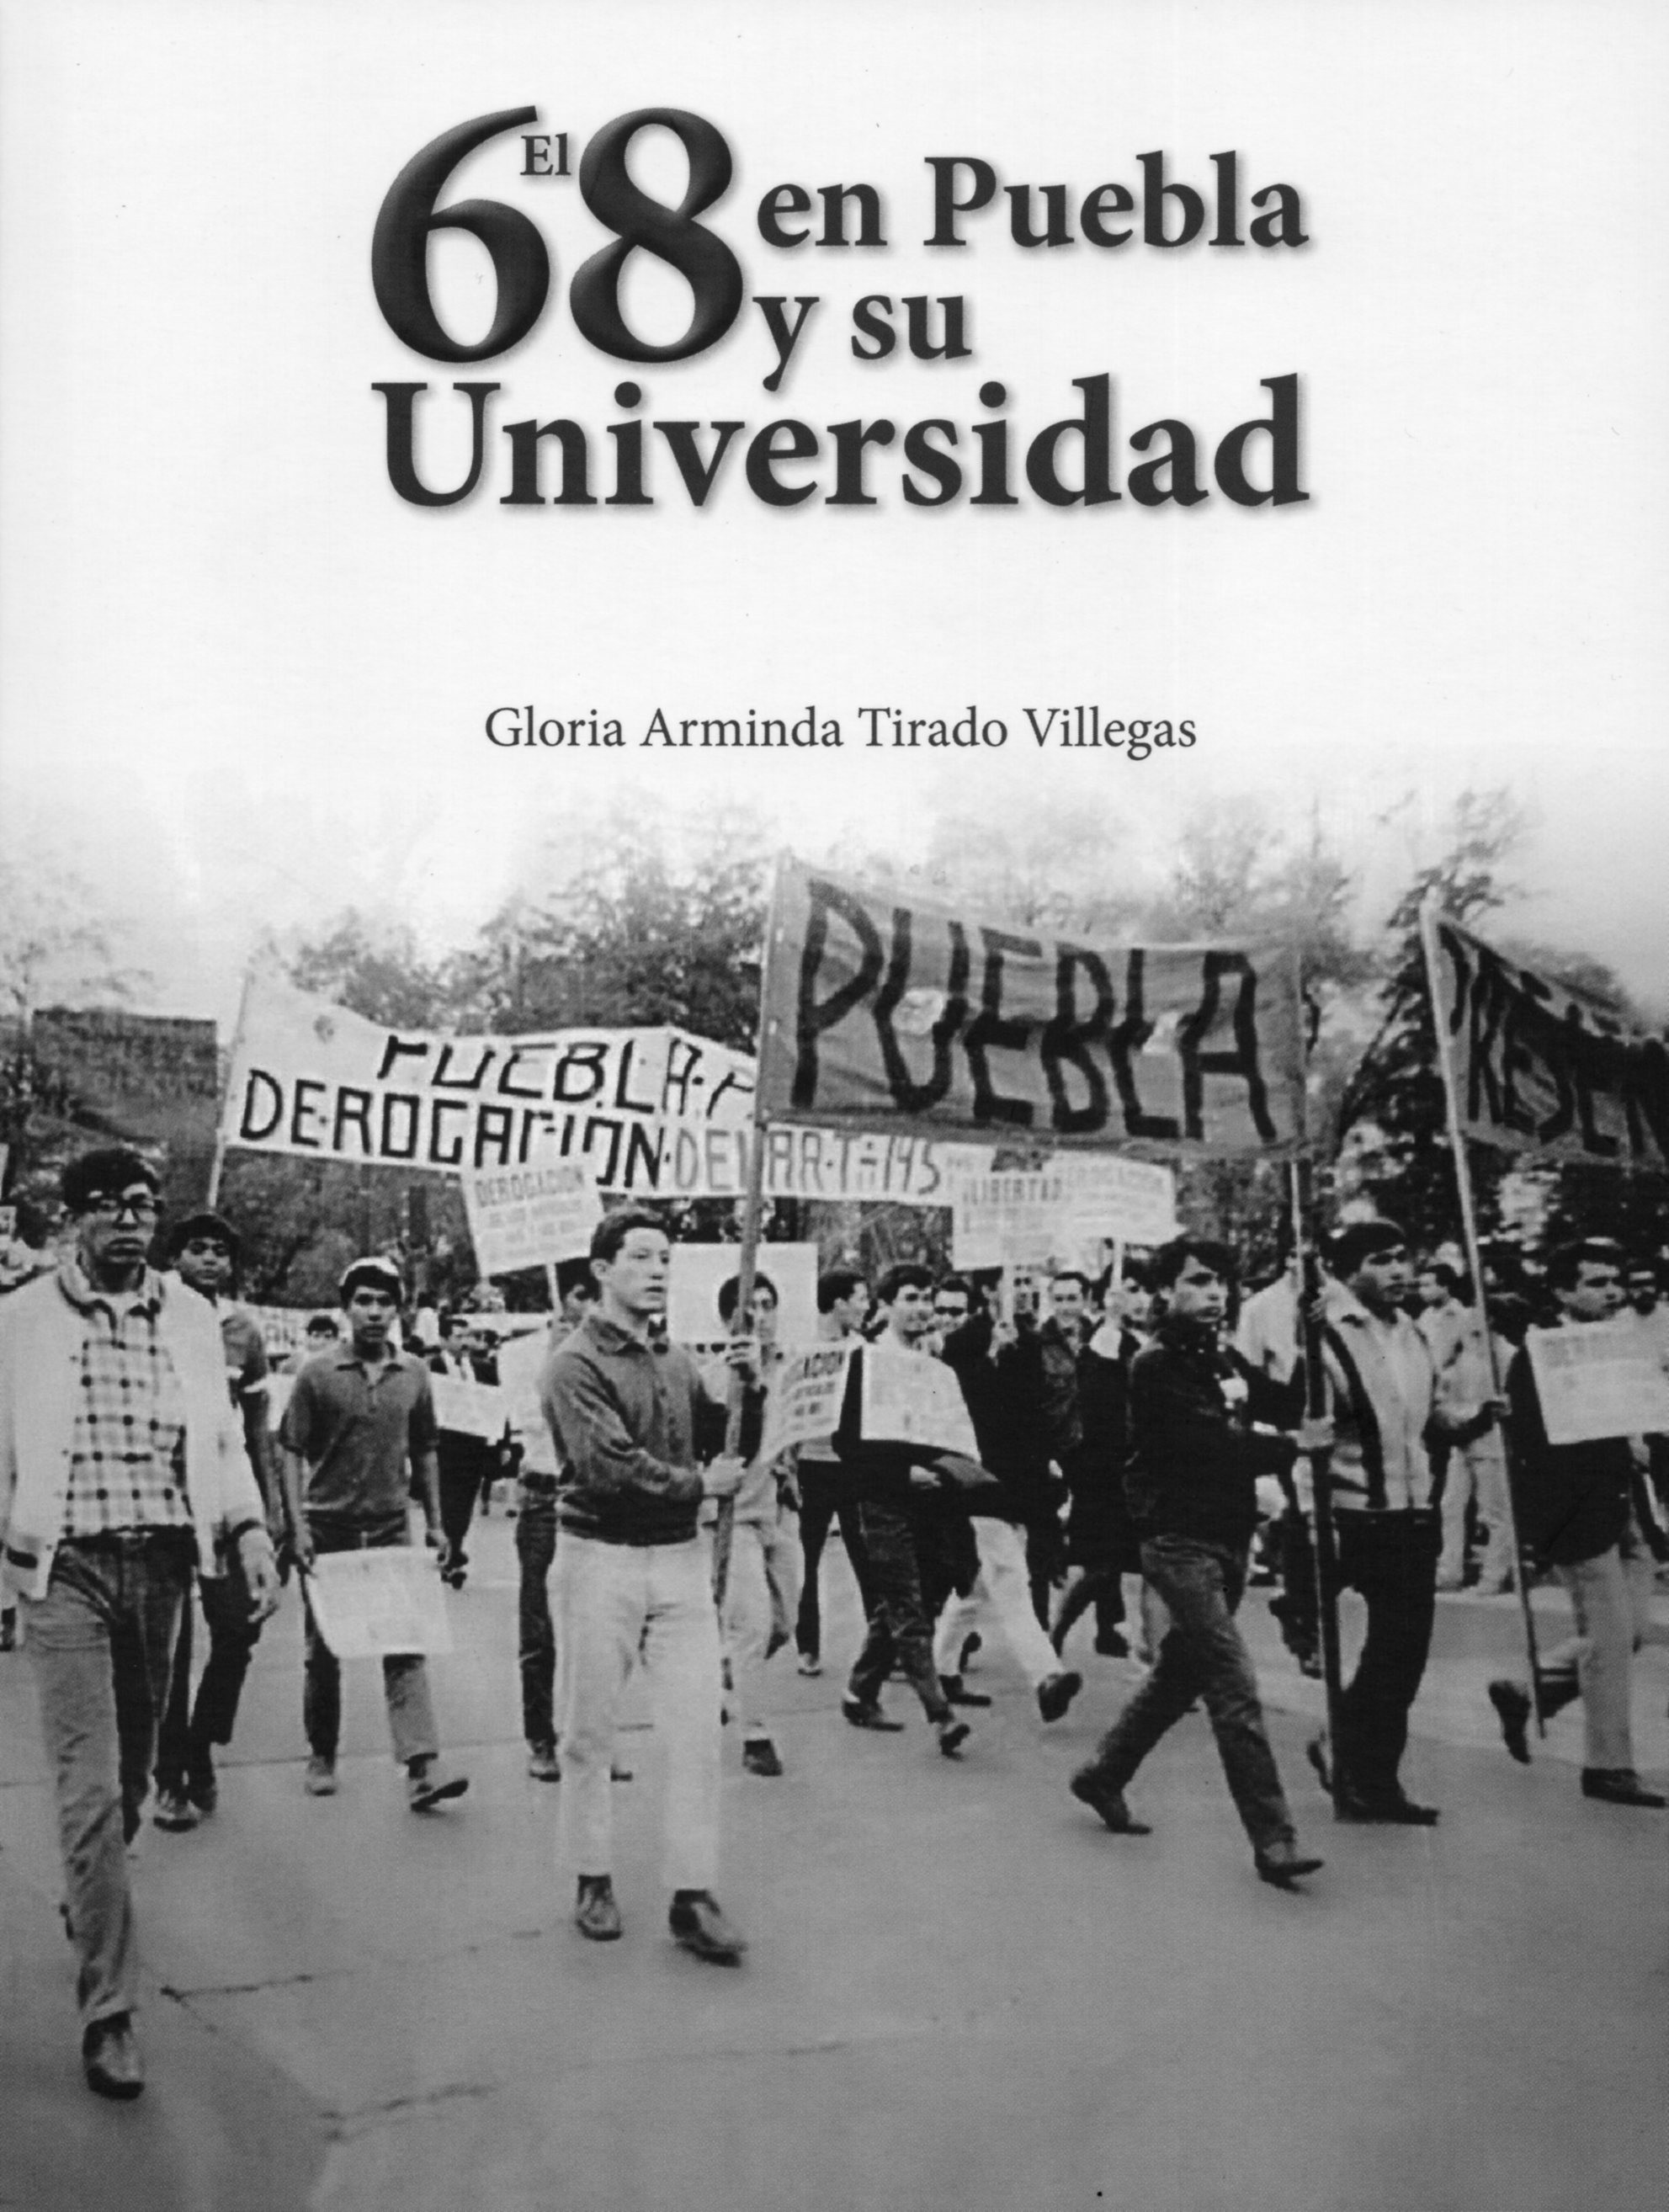 El 68 en Puebla y su Universidad